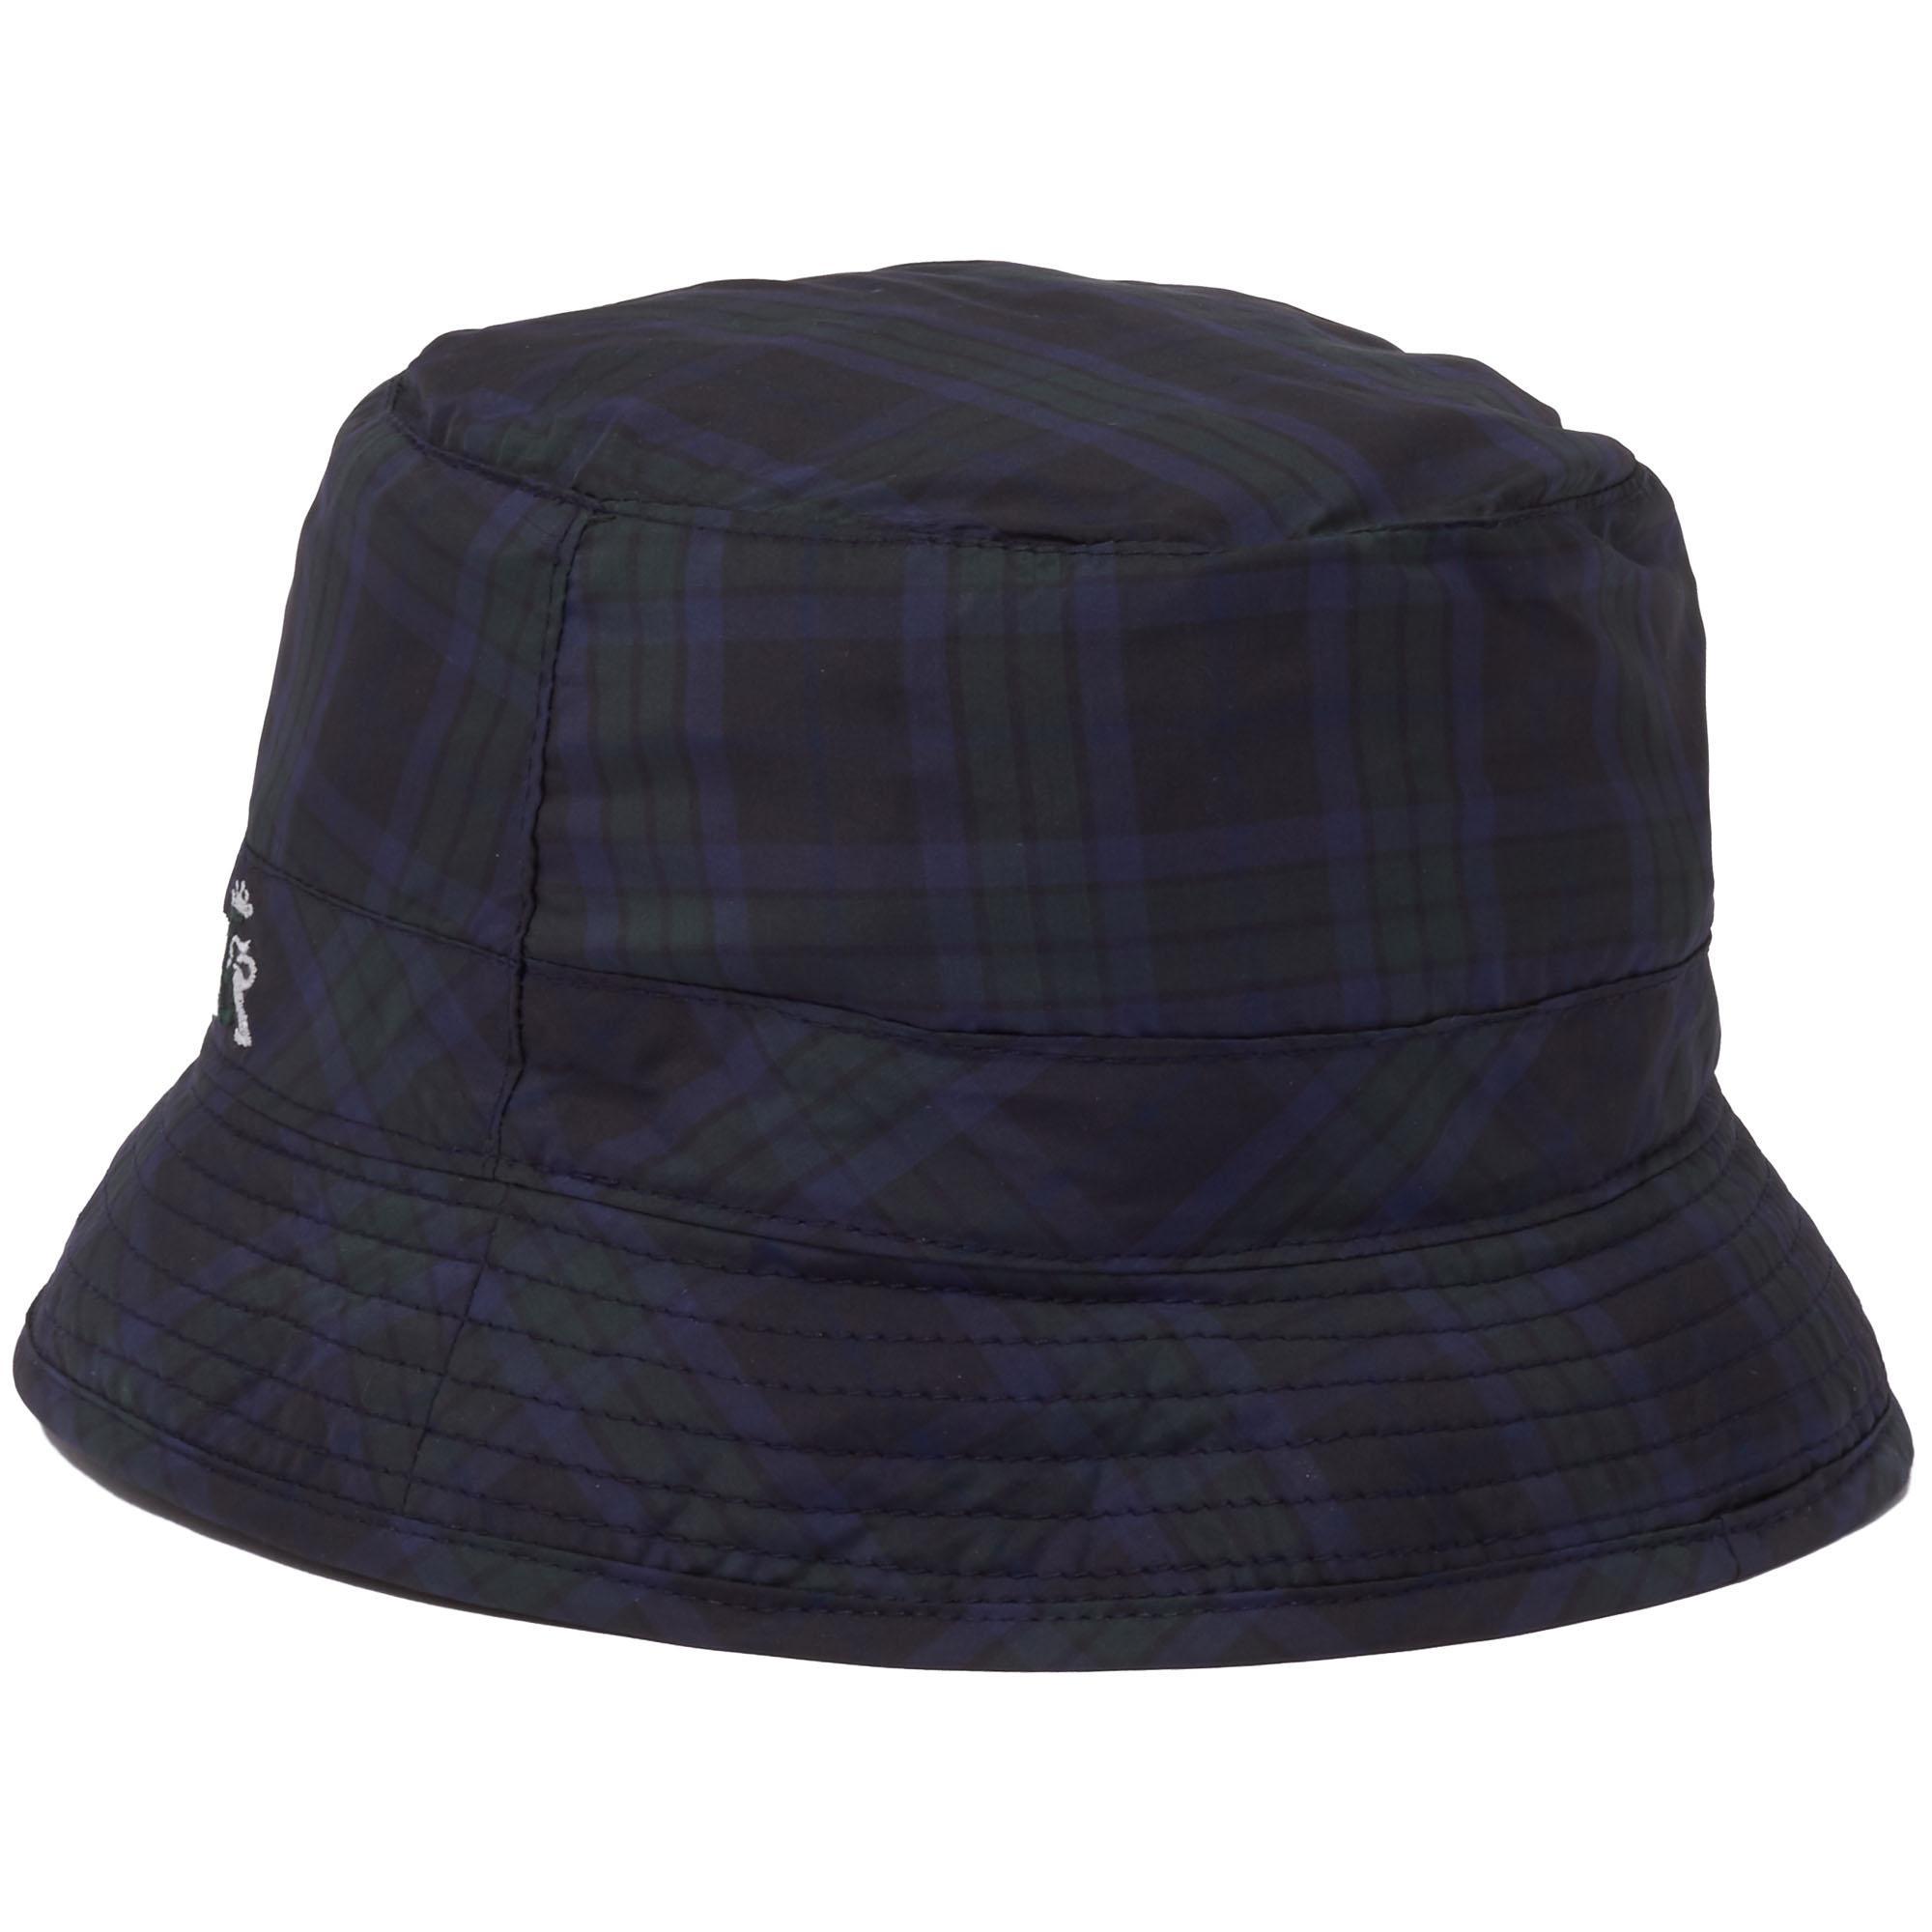 fc5d17a8338f3 Baracuta Blackwatch Light Bucket Hat in Blue for Men - Lyst